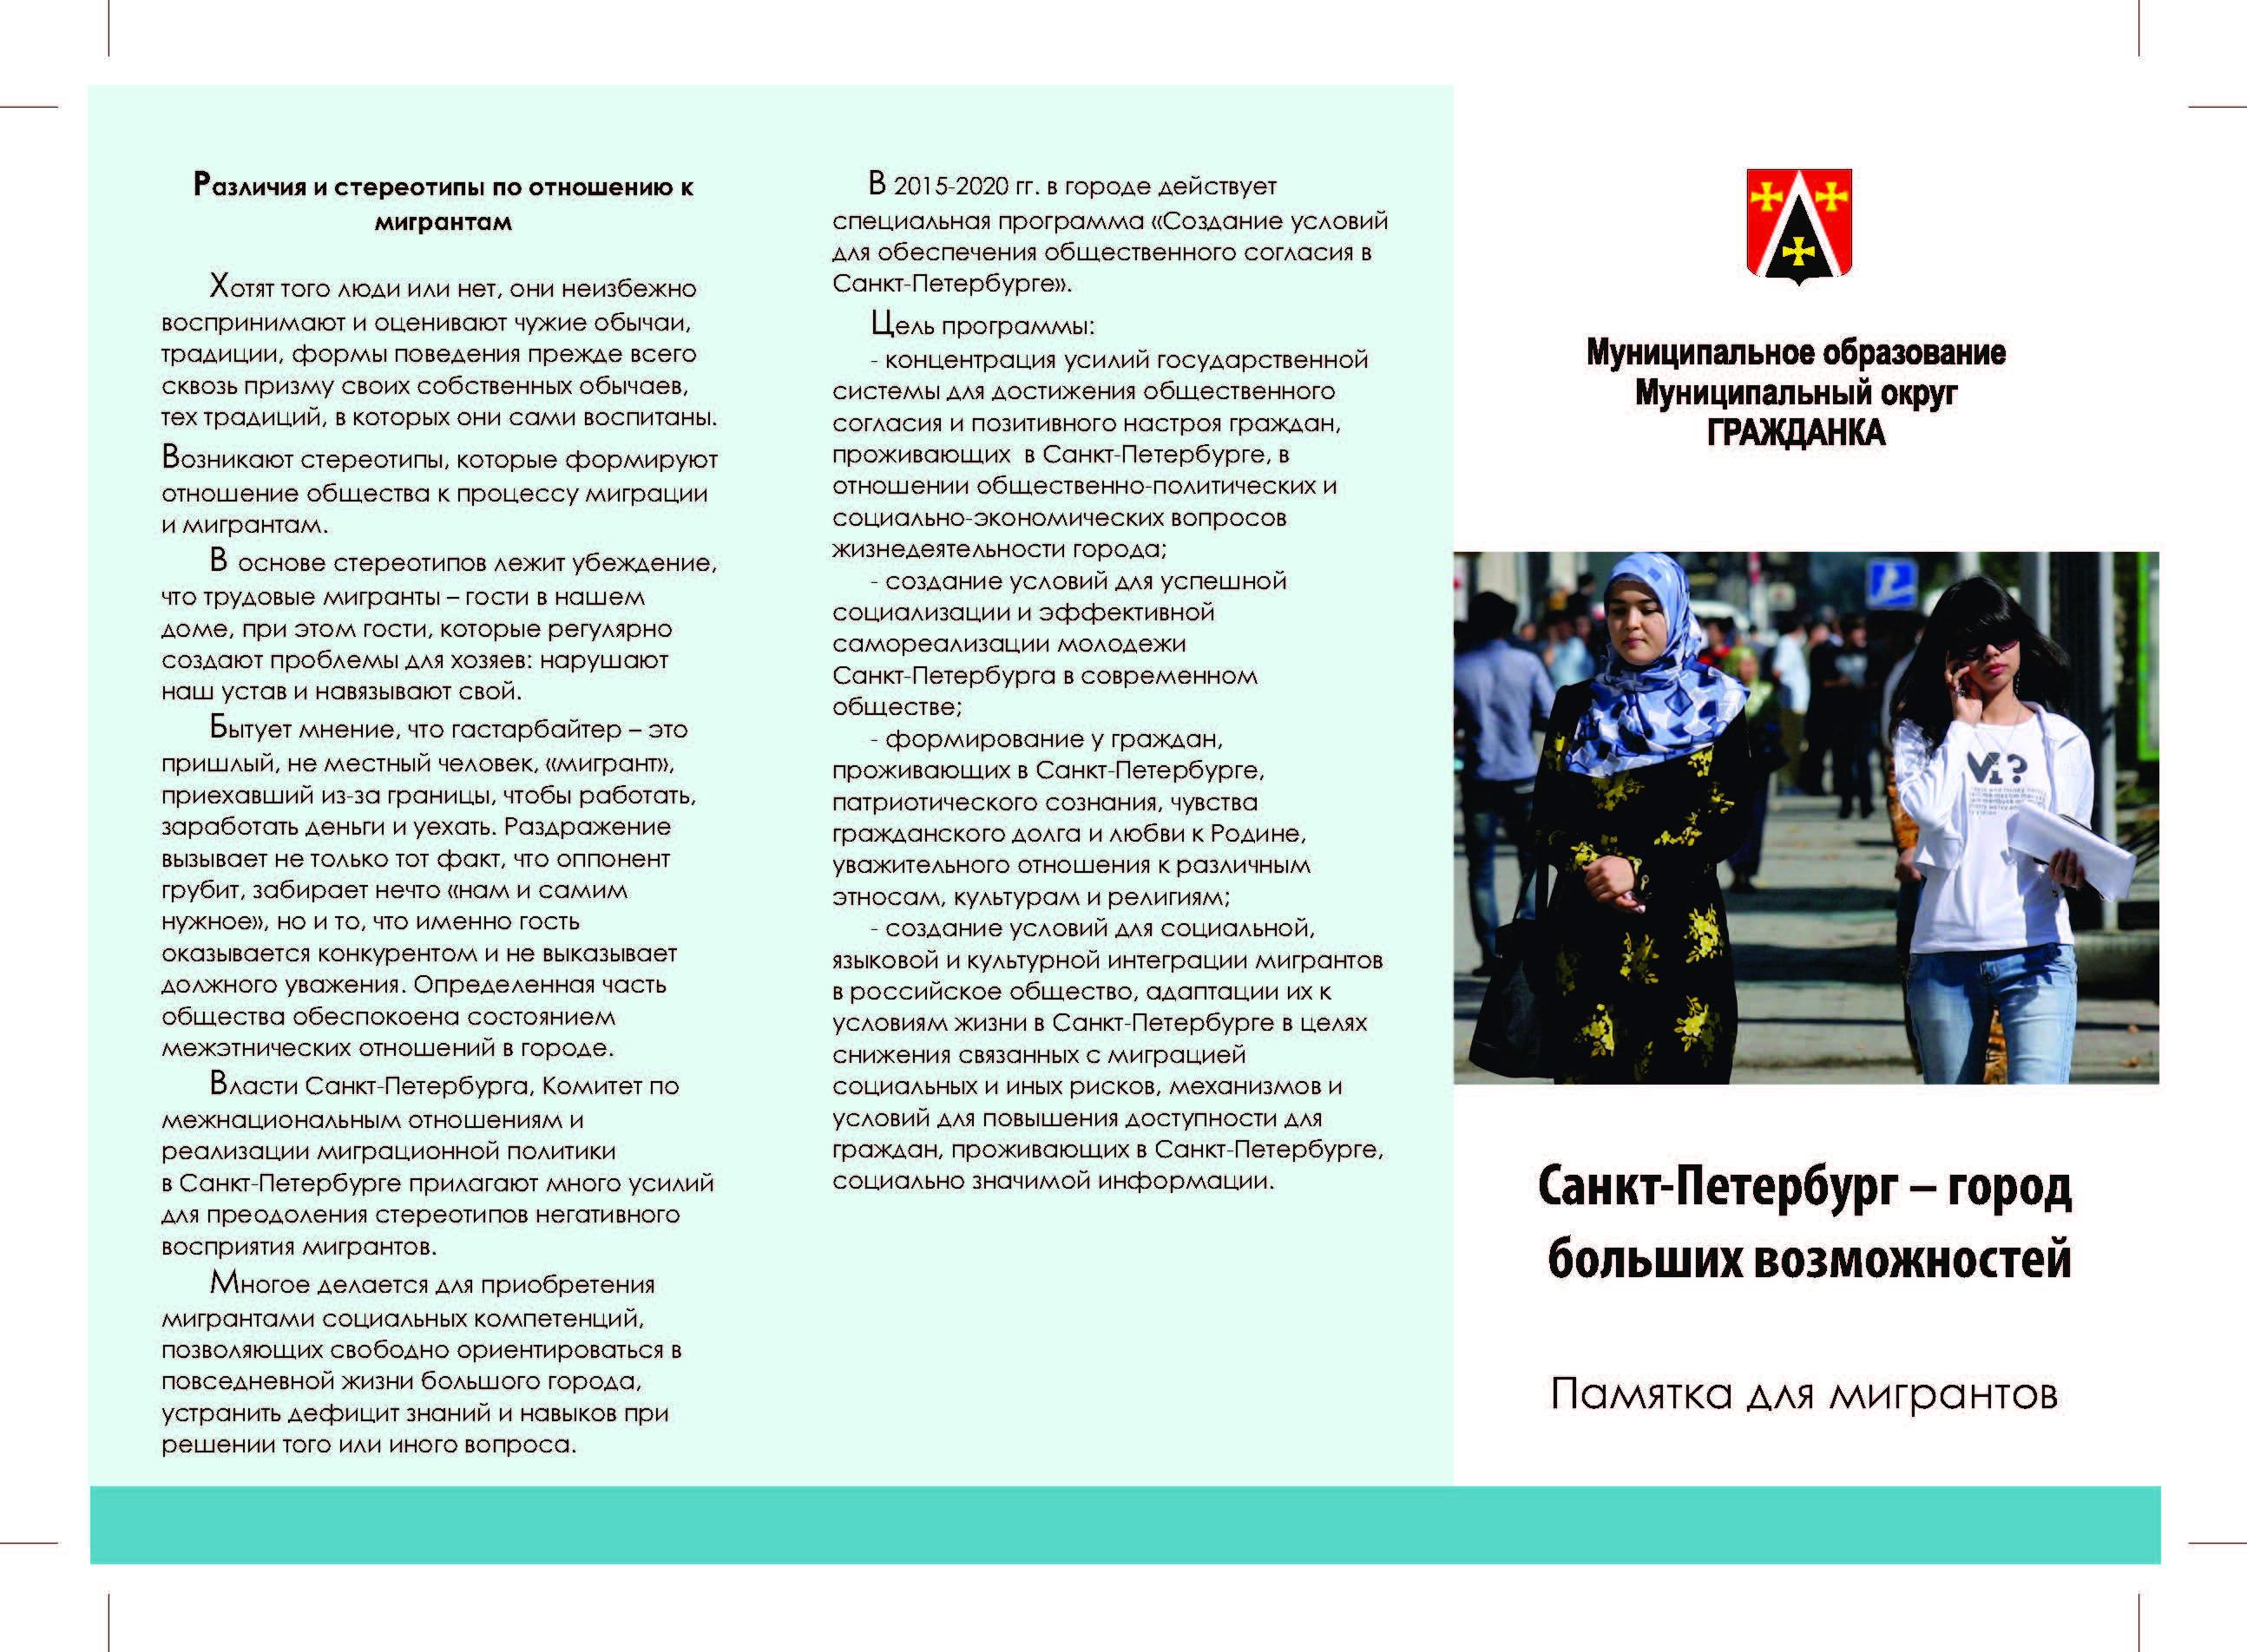 Памятка для мигрантов «Санкт-Петербург — город больших возможностей»